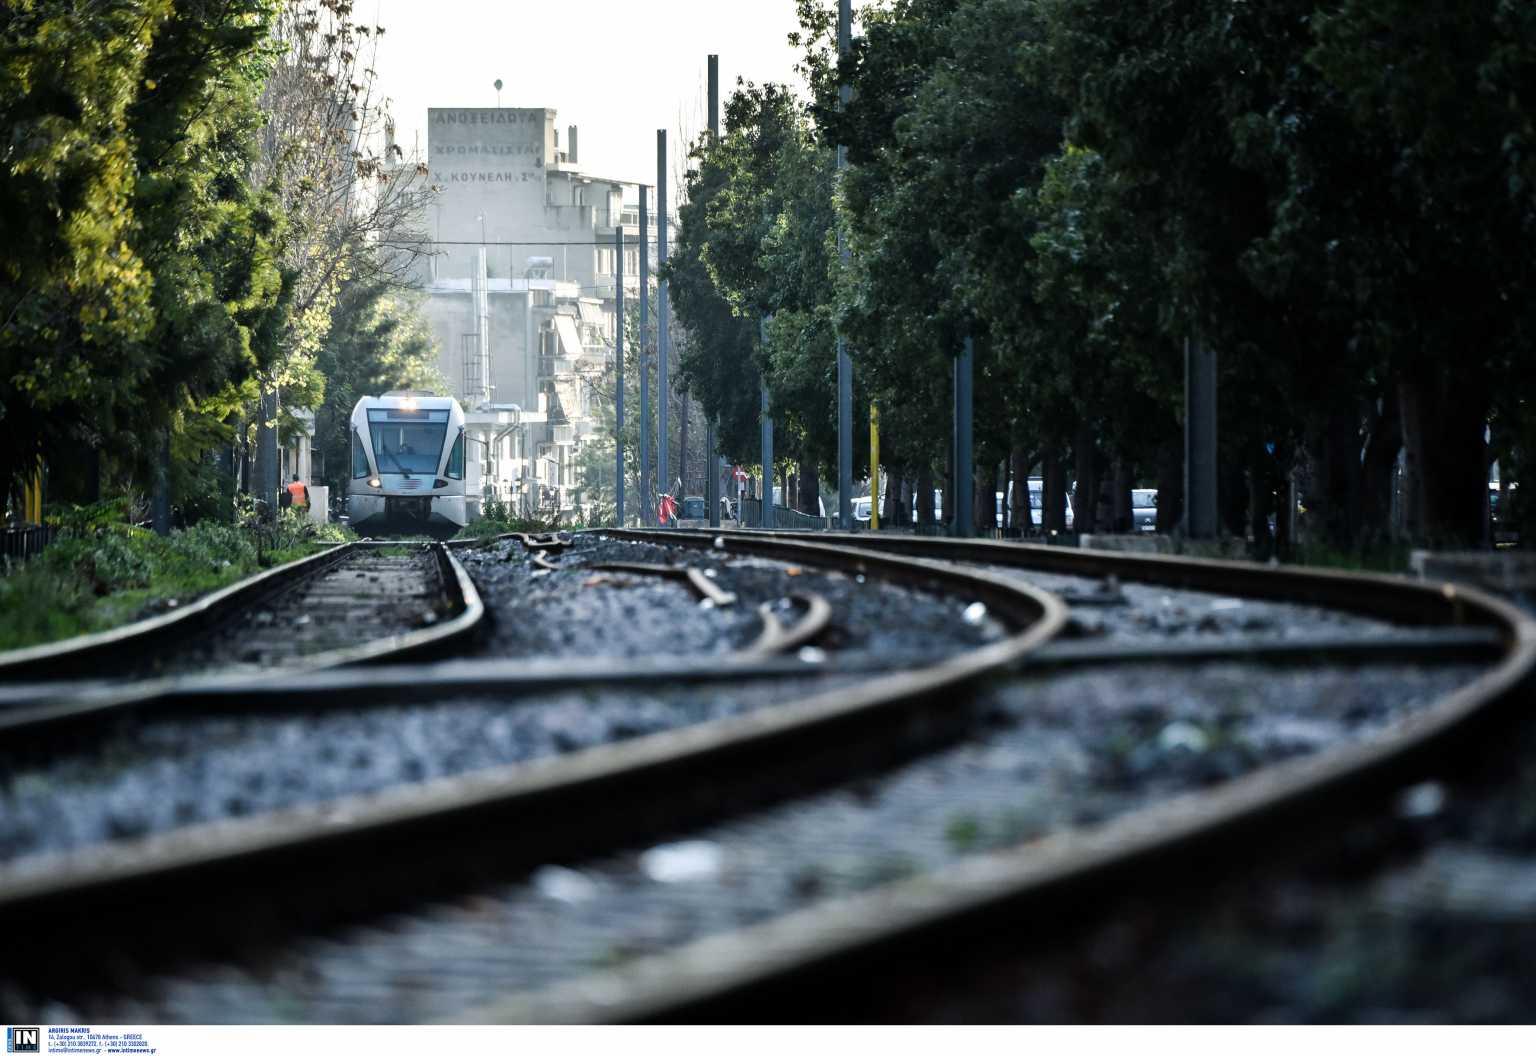 Θεσσαλονίκη: Εκτροχιασμός τρένου με στιγμές πανικού – Θρίλερ στο τέλος του ταξιδιού από Λάρισα